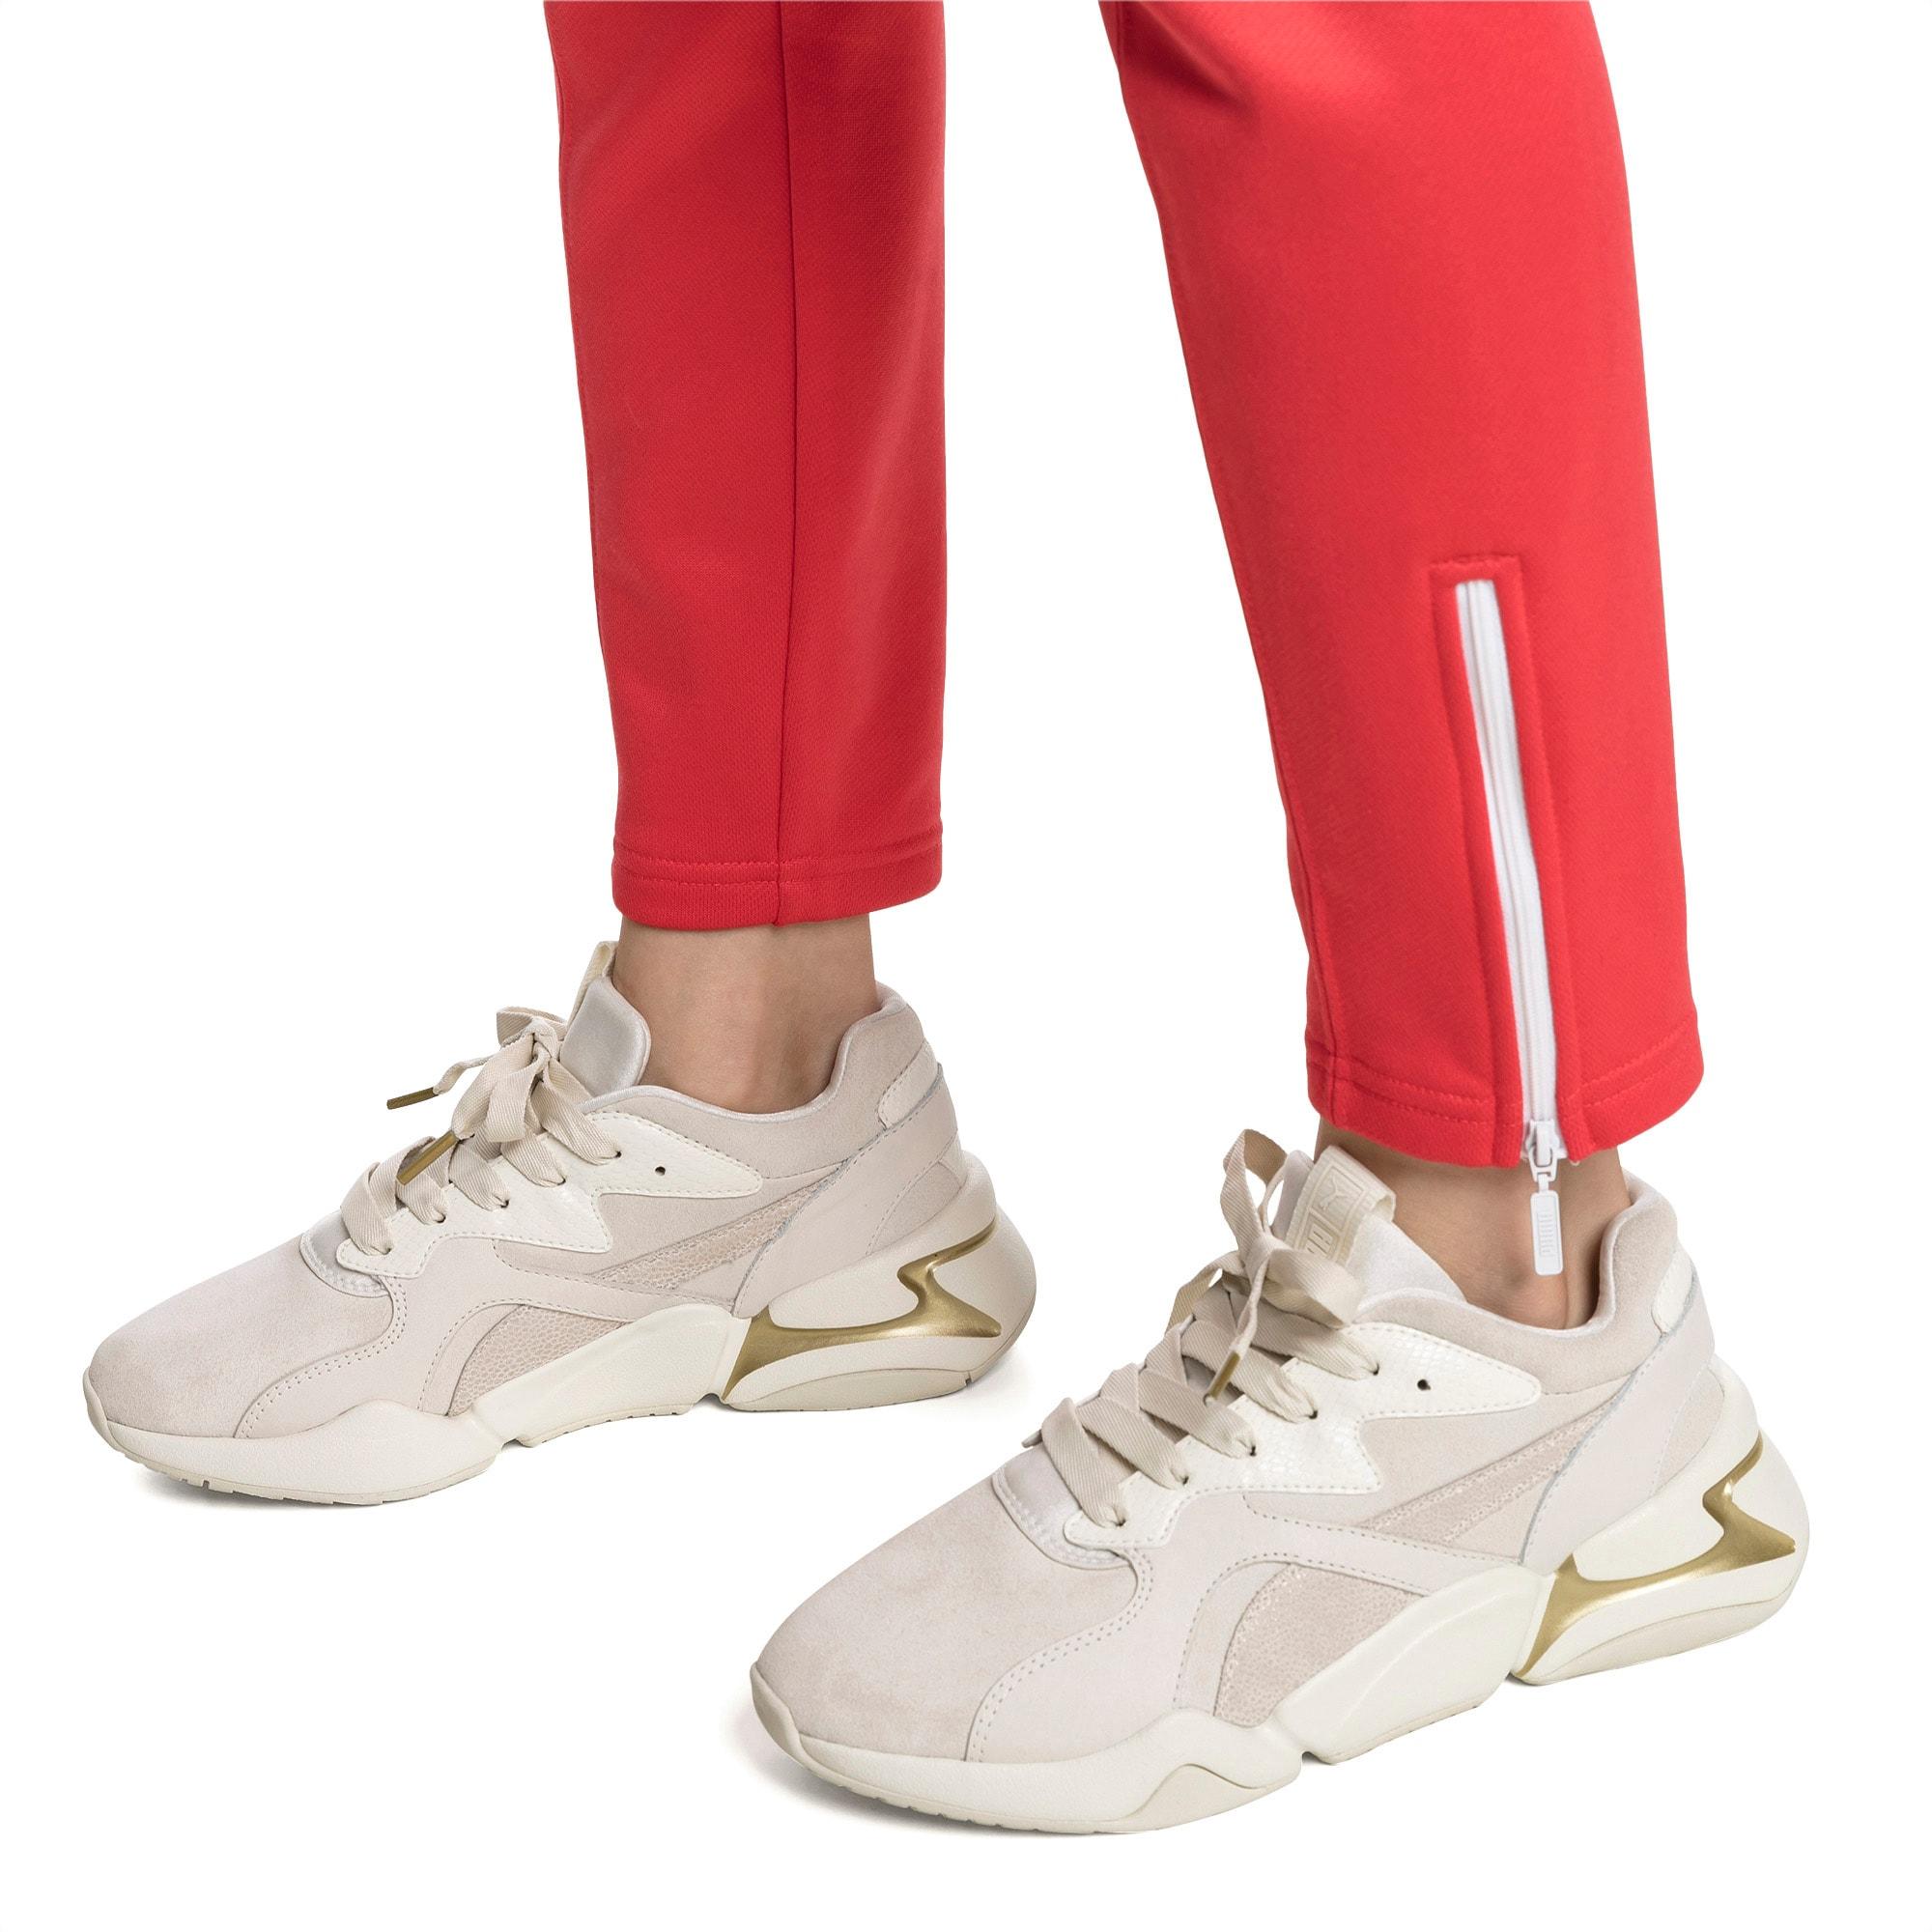 Nova Pastel Grunge træningssko til kvinder